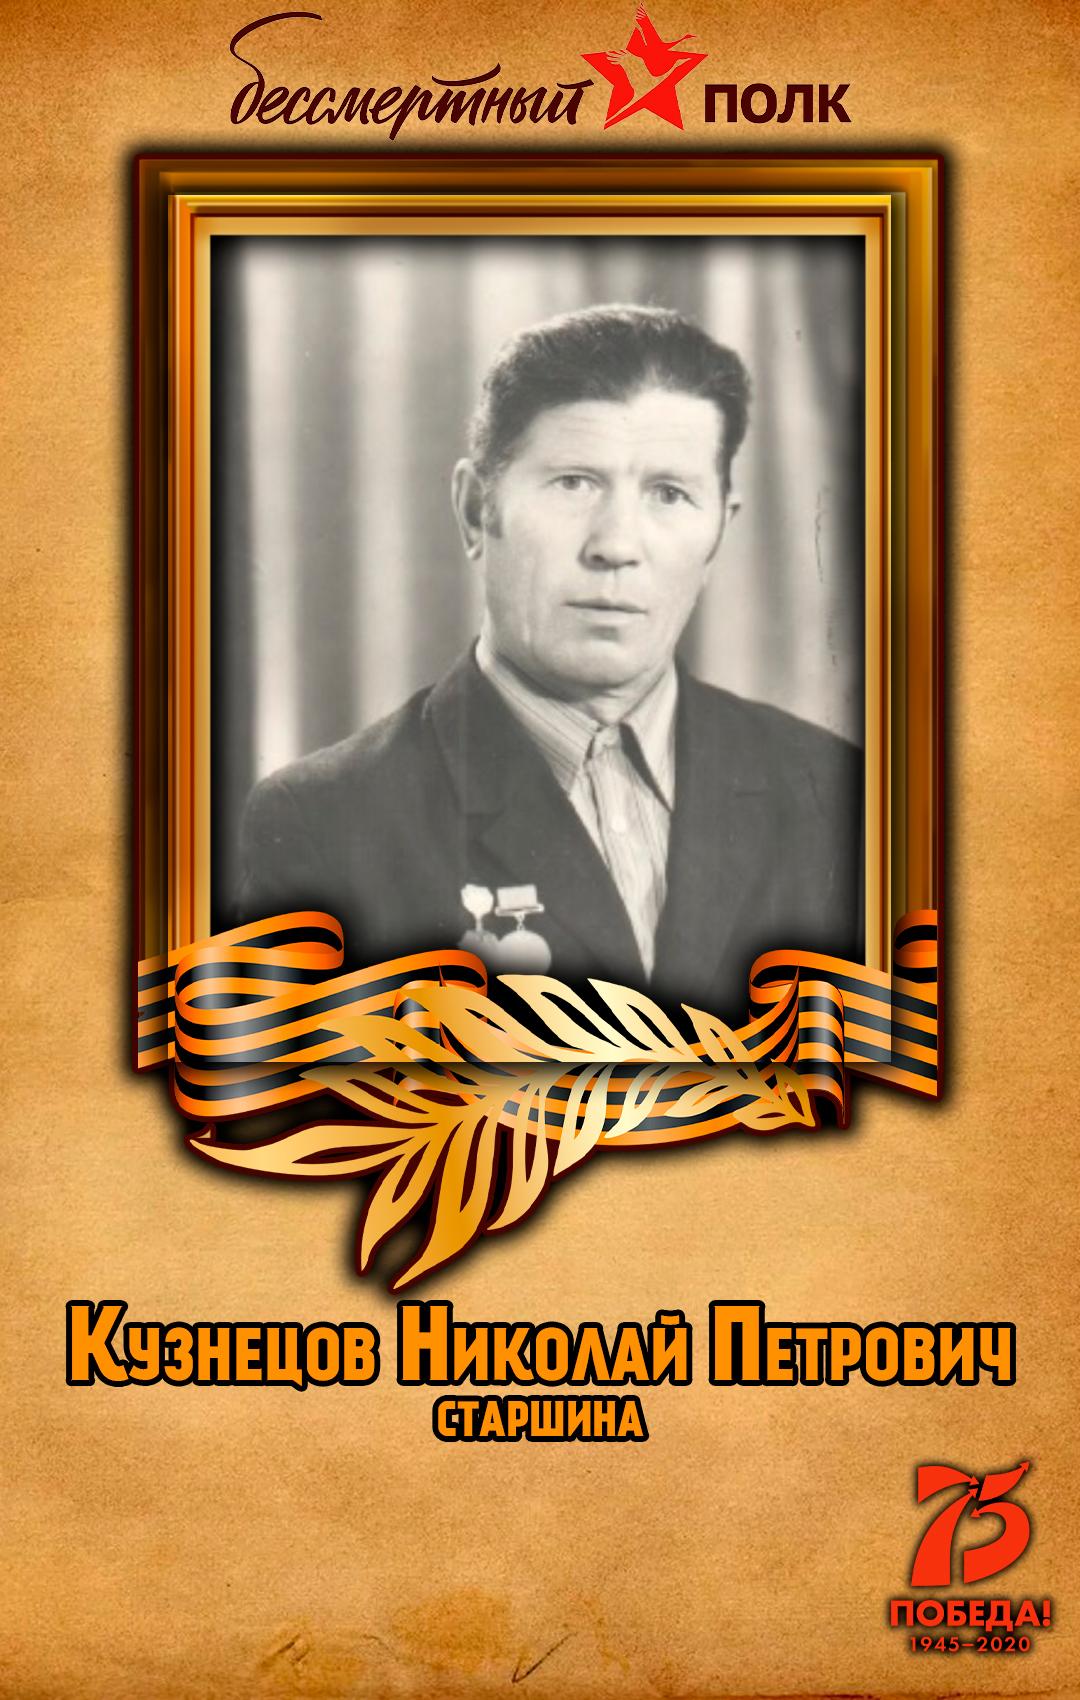 Кузнецов-Николай-Петрович